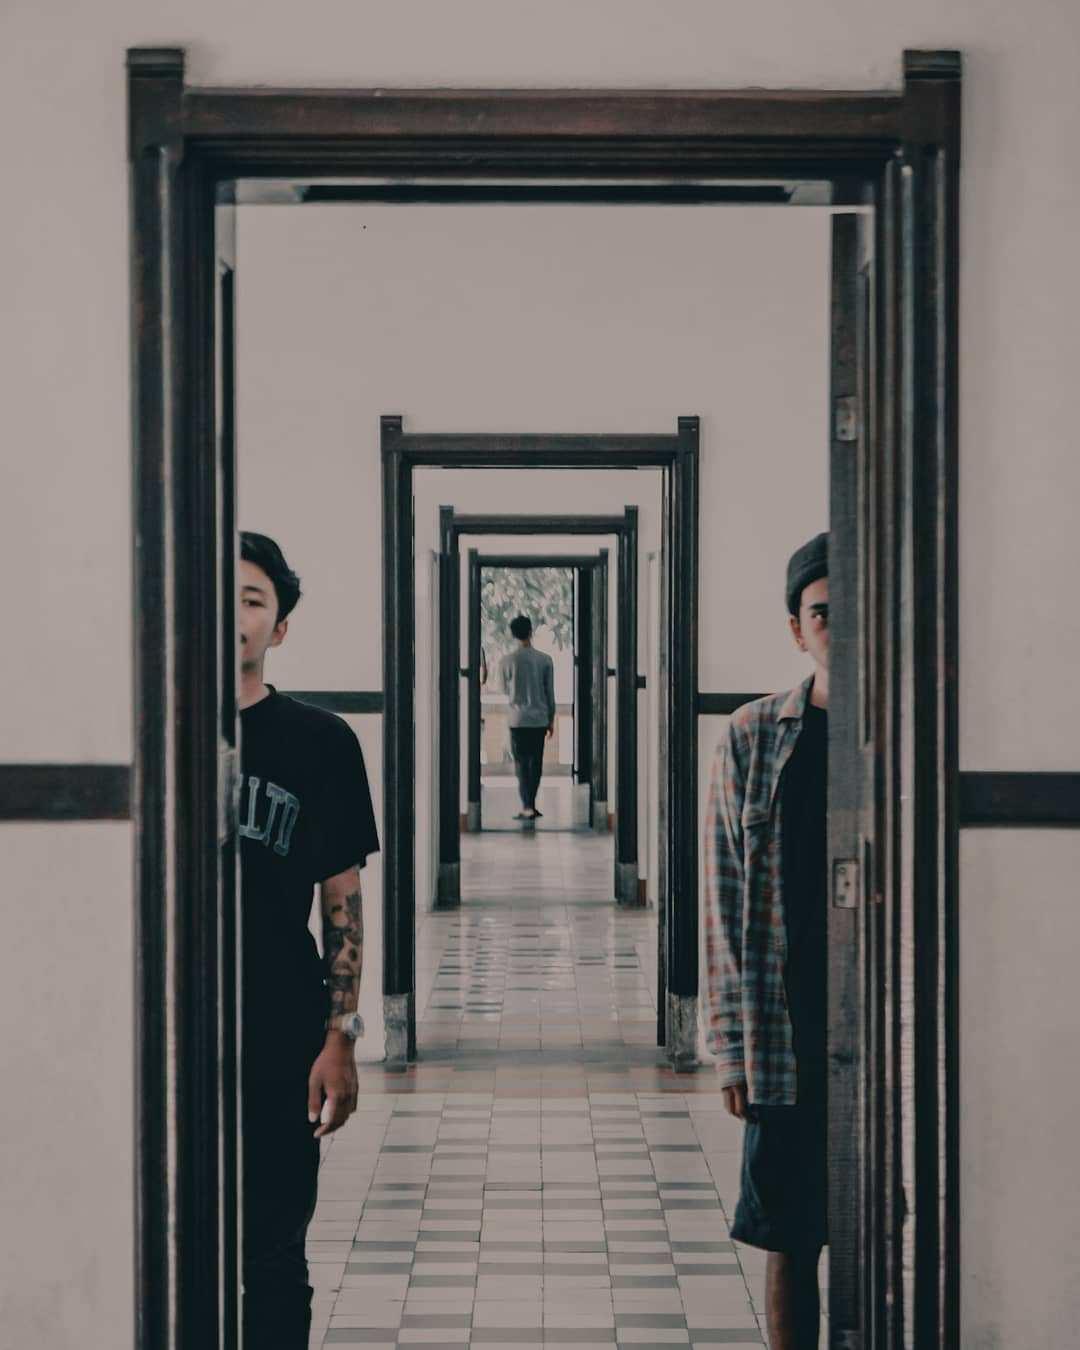 Pintu di Lawang Sewu Yang Menghubungkan Setiap Ruangan, Image From @aditya.morningstar